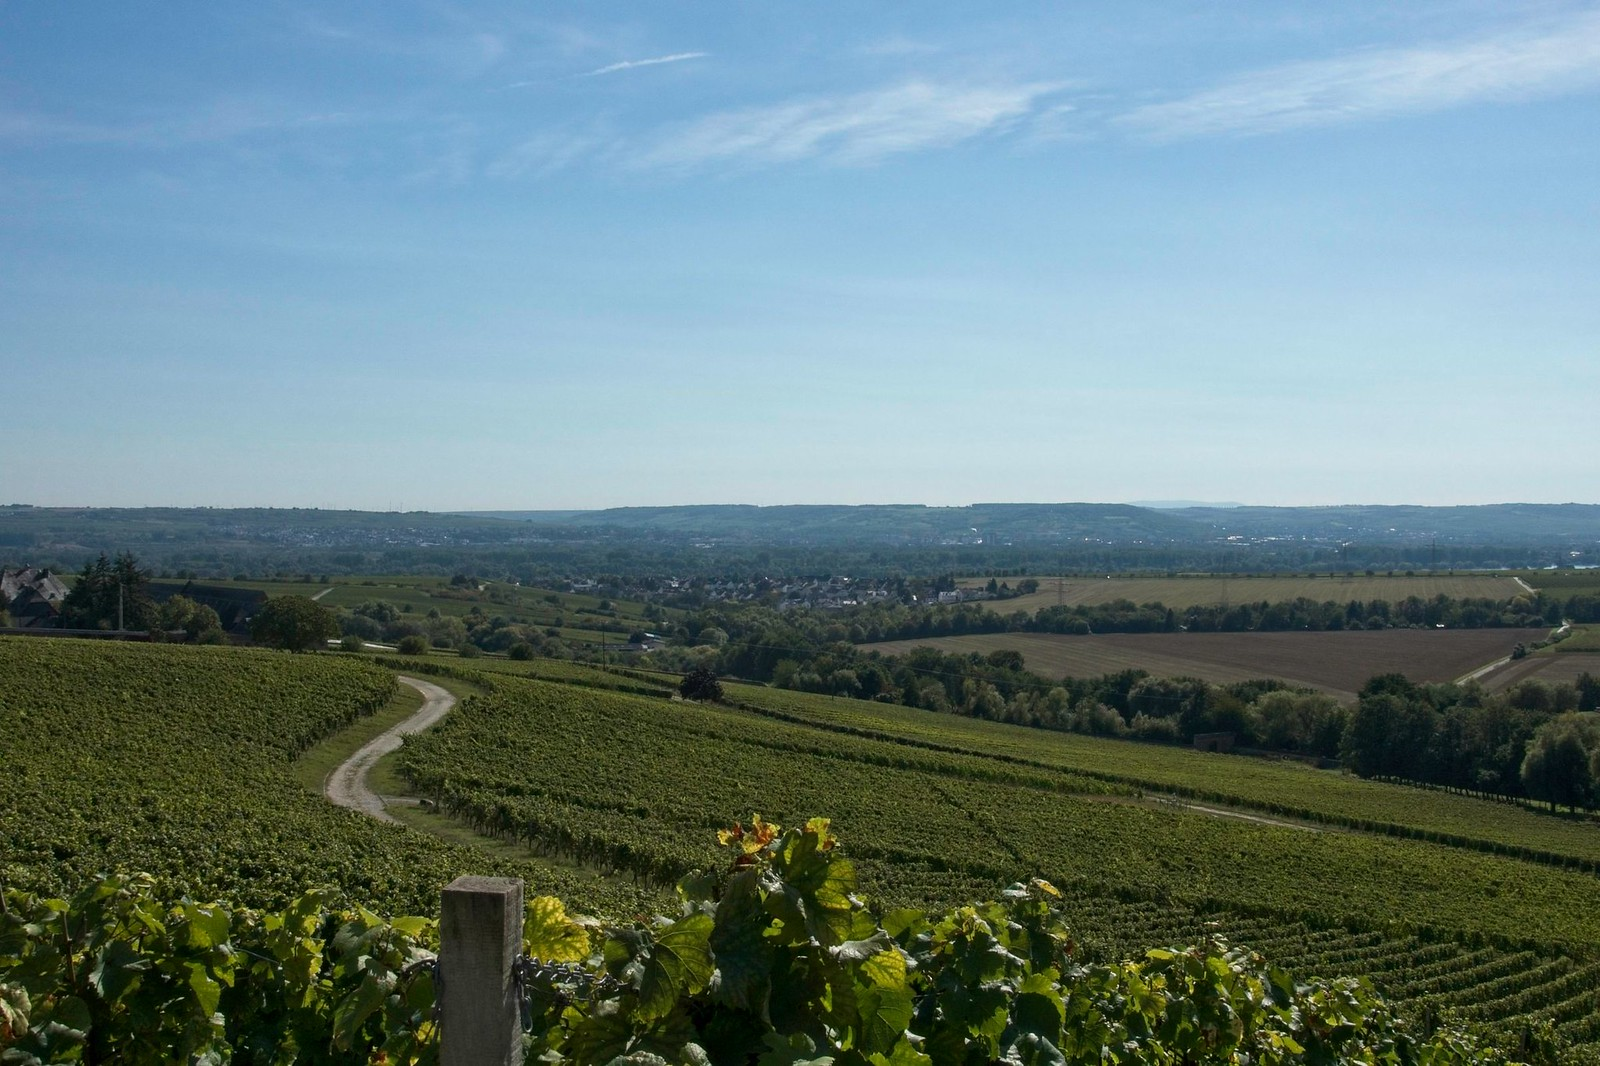 Rückkehr nach Hattenheim durch Rebflächen, Blick über den Rhein nach Rheinhessen mit Donnersberg am Horizont